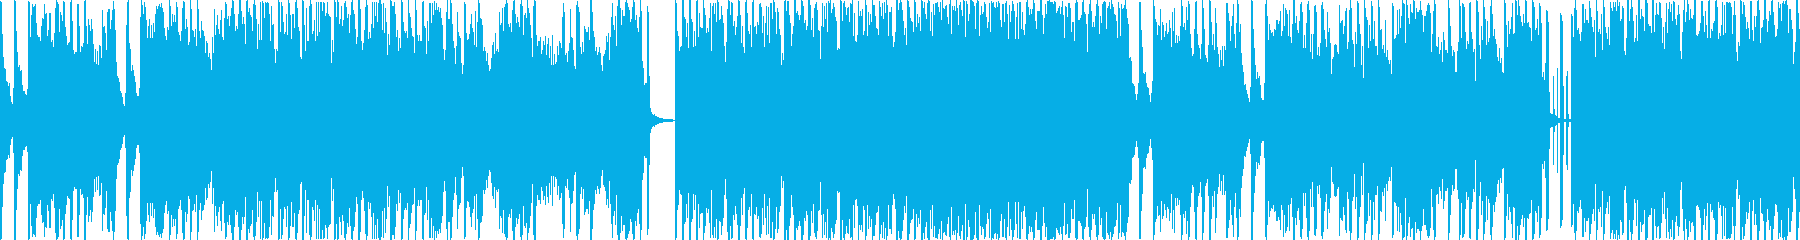 明るいテクノポップです。の再生済みの波形